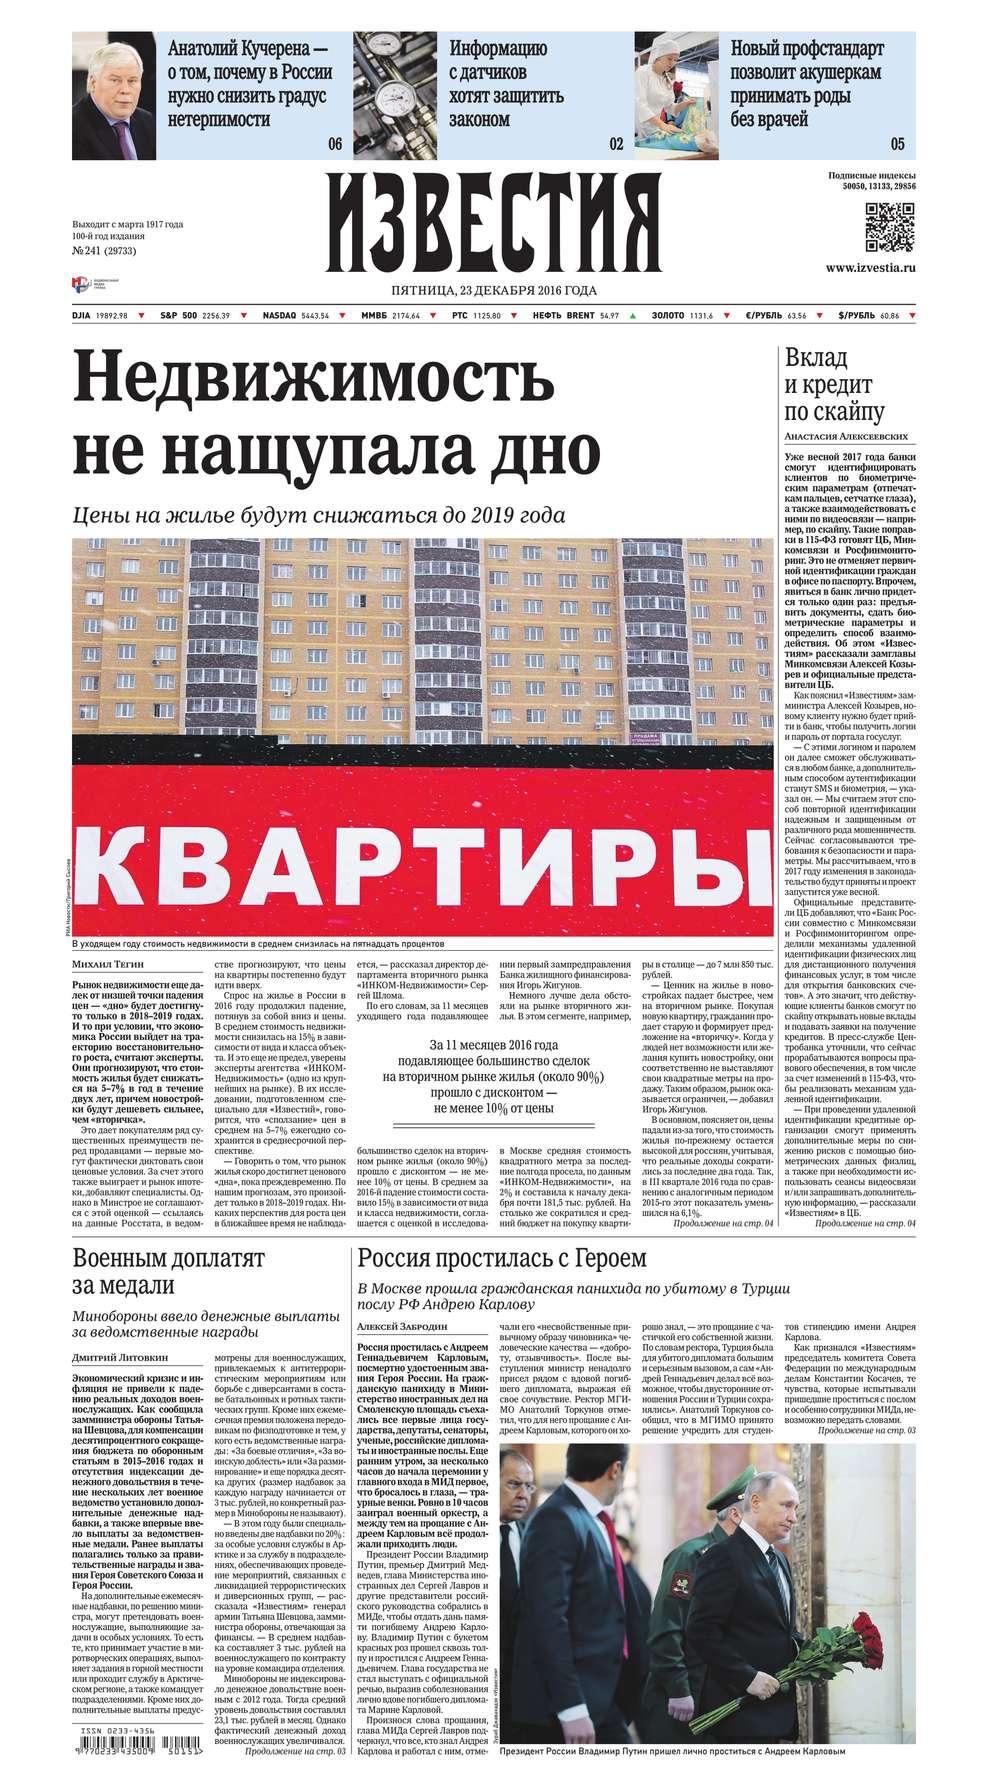 Известия 241-2016 фото